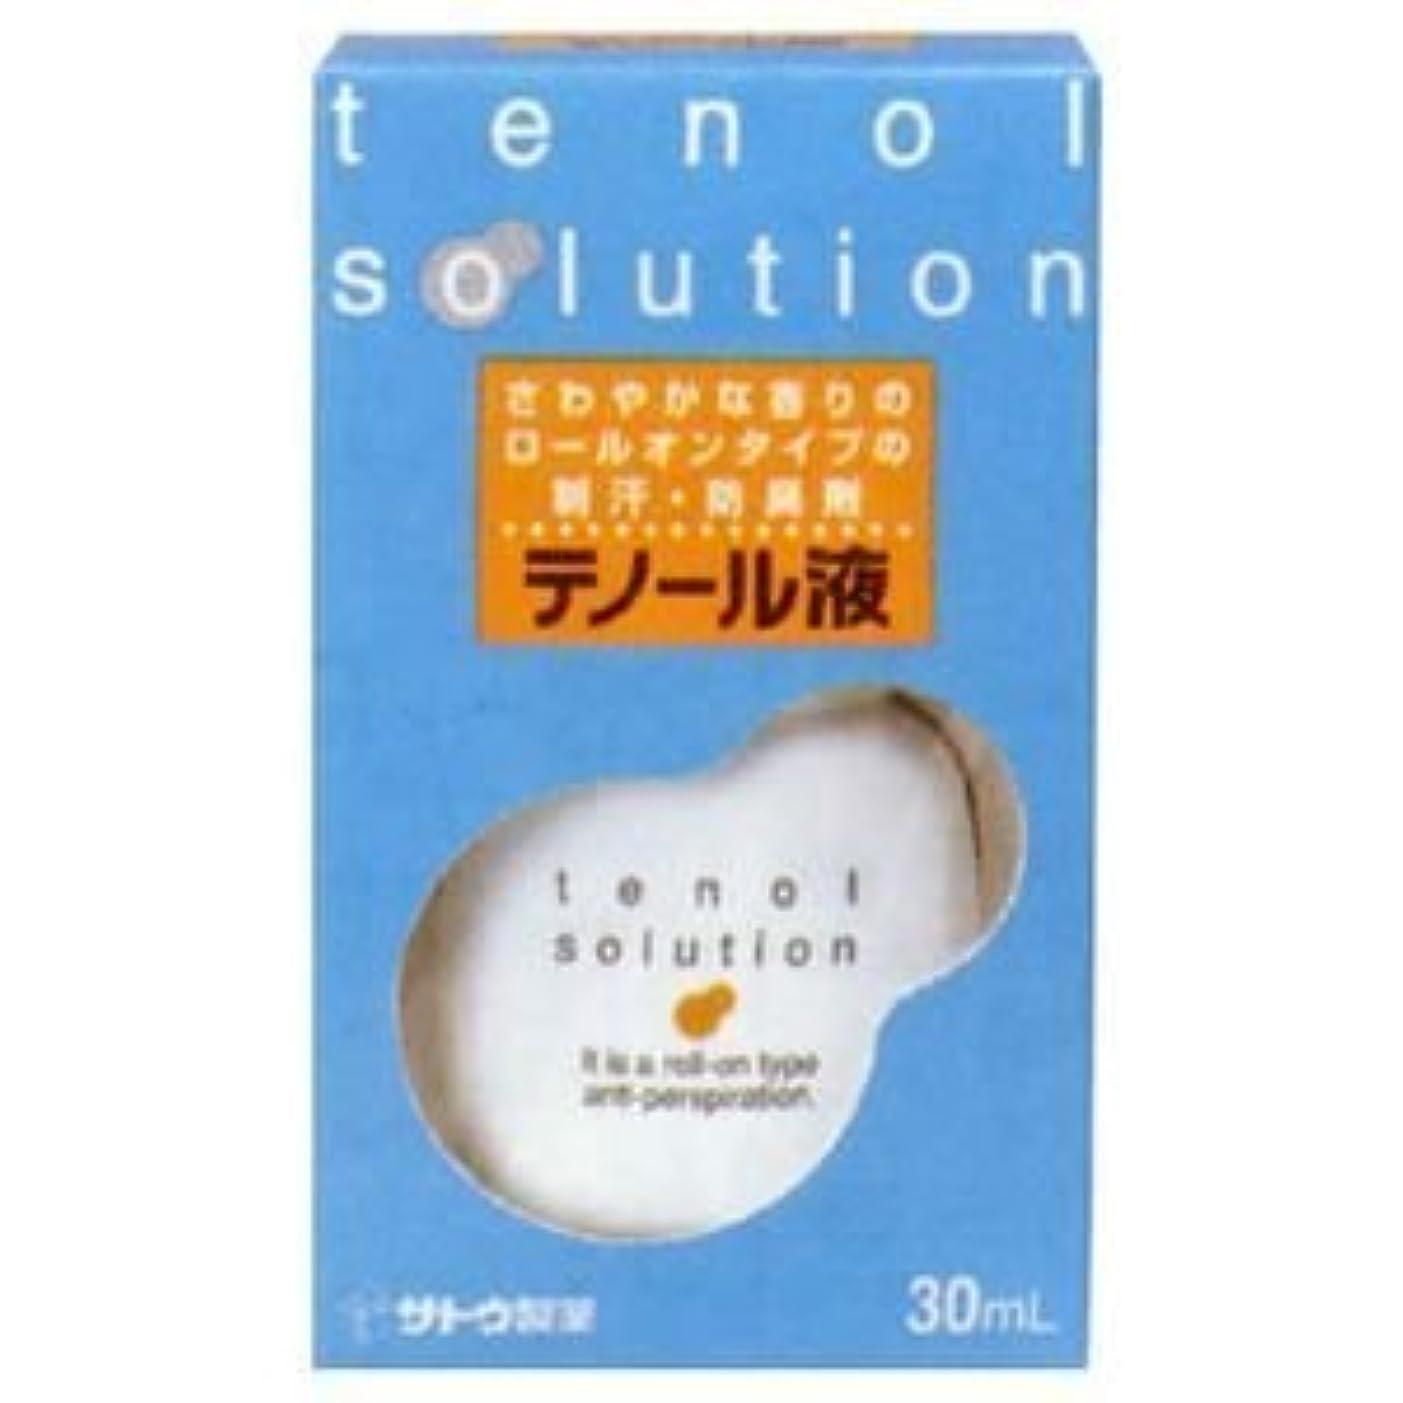 スライス誓い一杯佐藤製薬 テノール液(30ml)×2